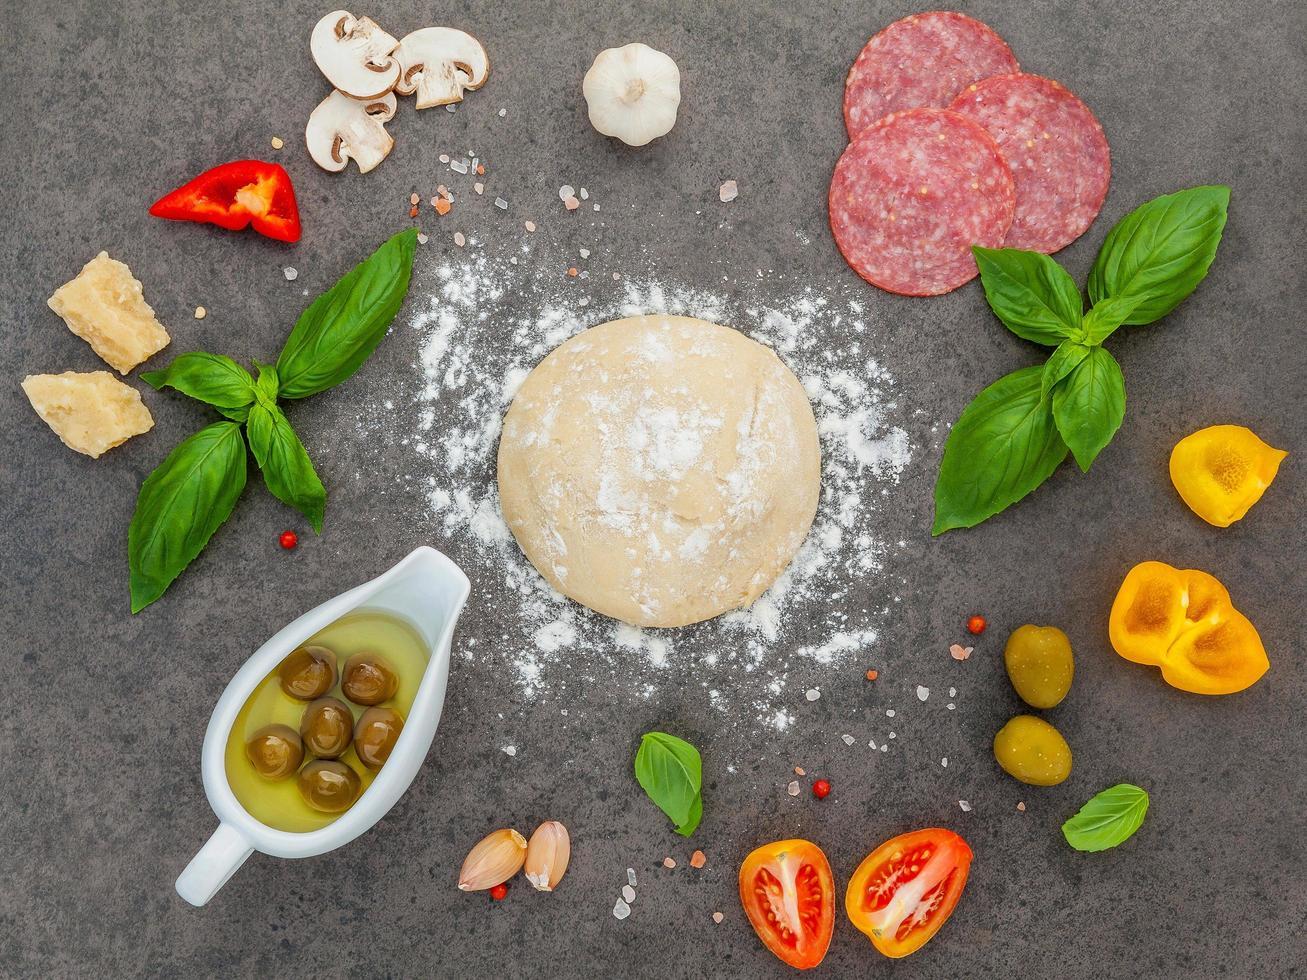 pizzadeeg en ingrediënten op een donkere achtergrond foto